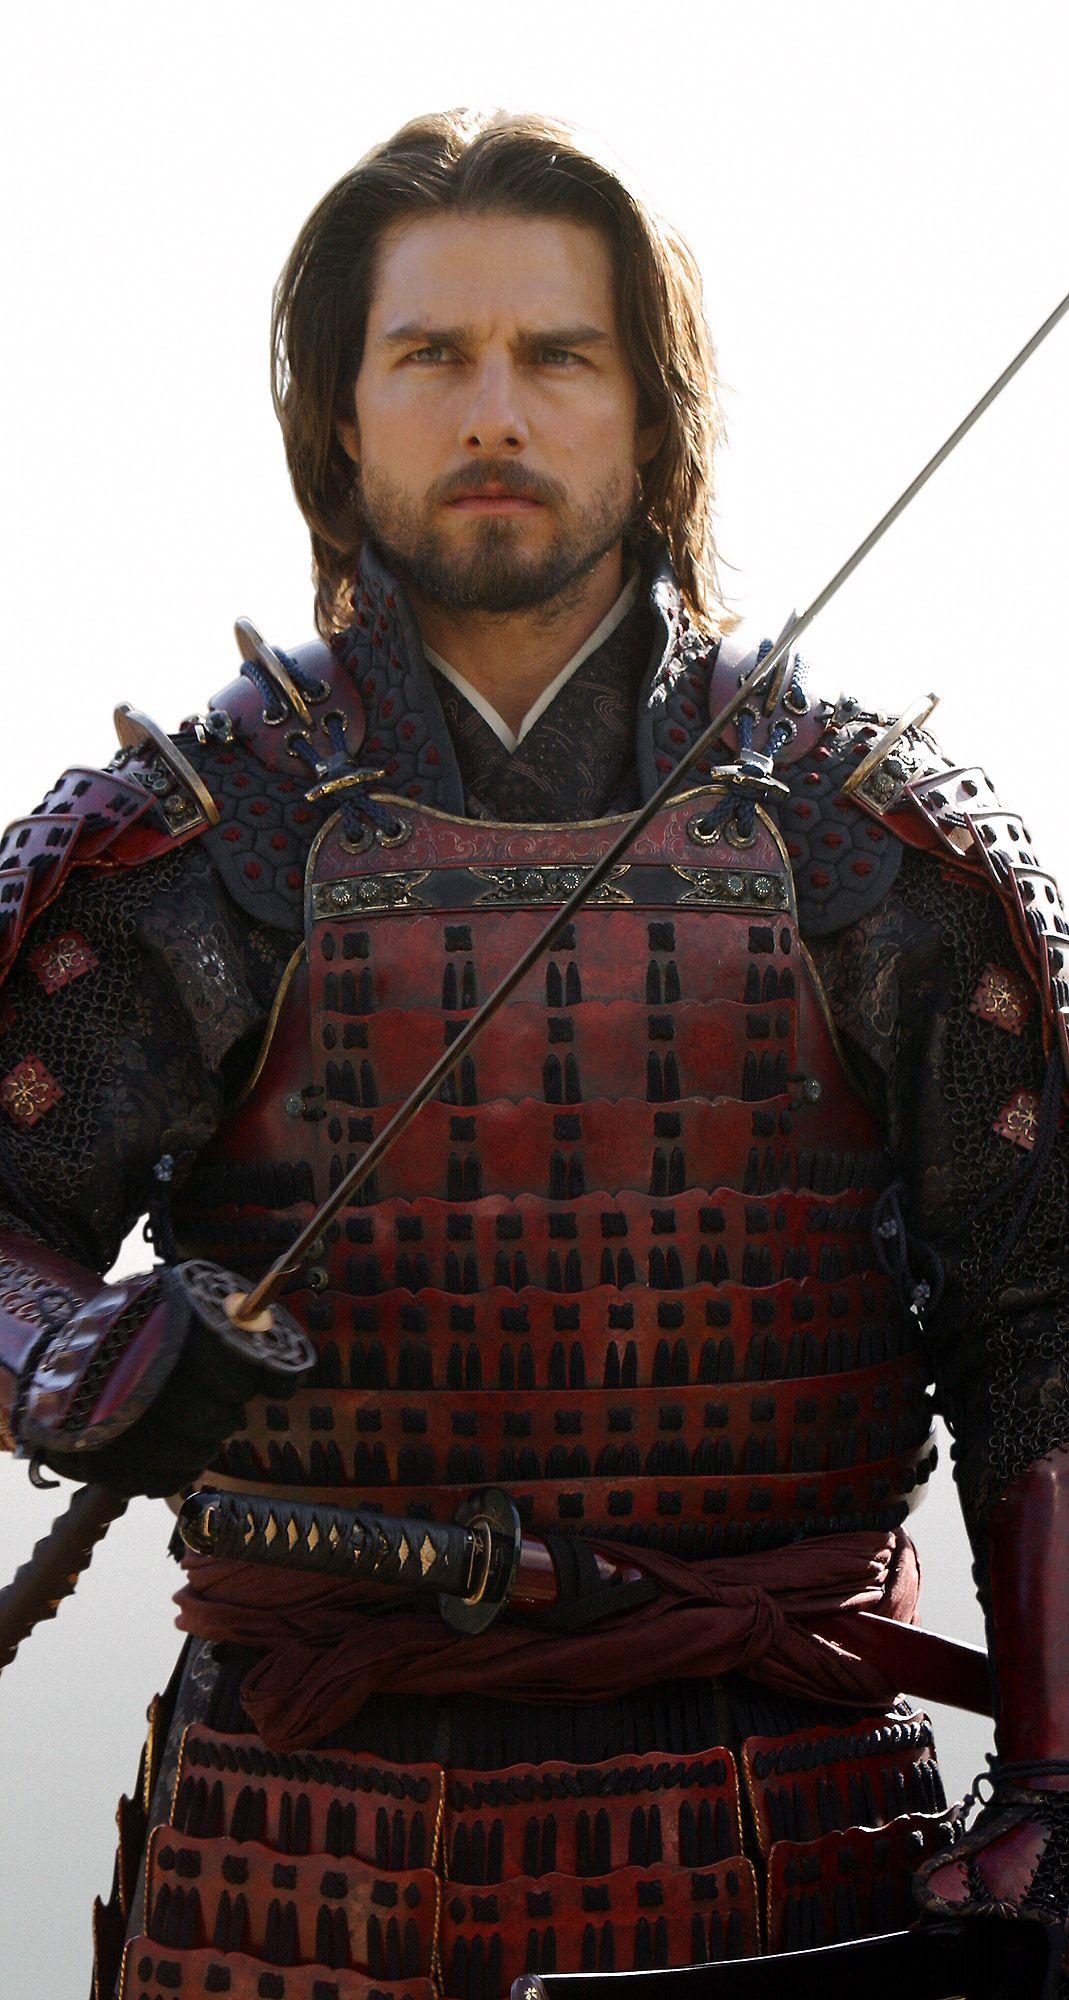 The Last Samurai 2003 Film Pinterest Samurai, Tom